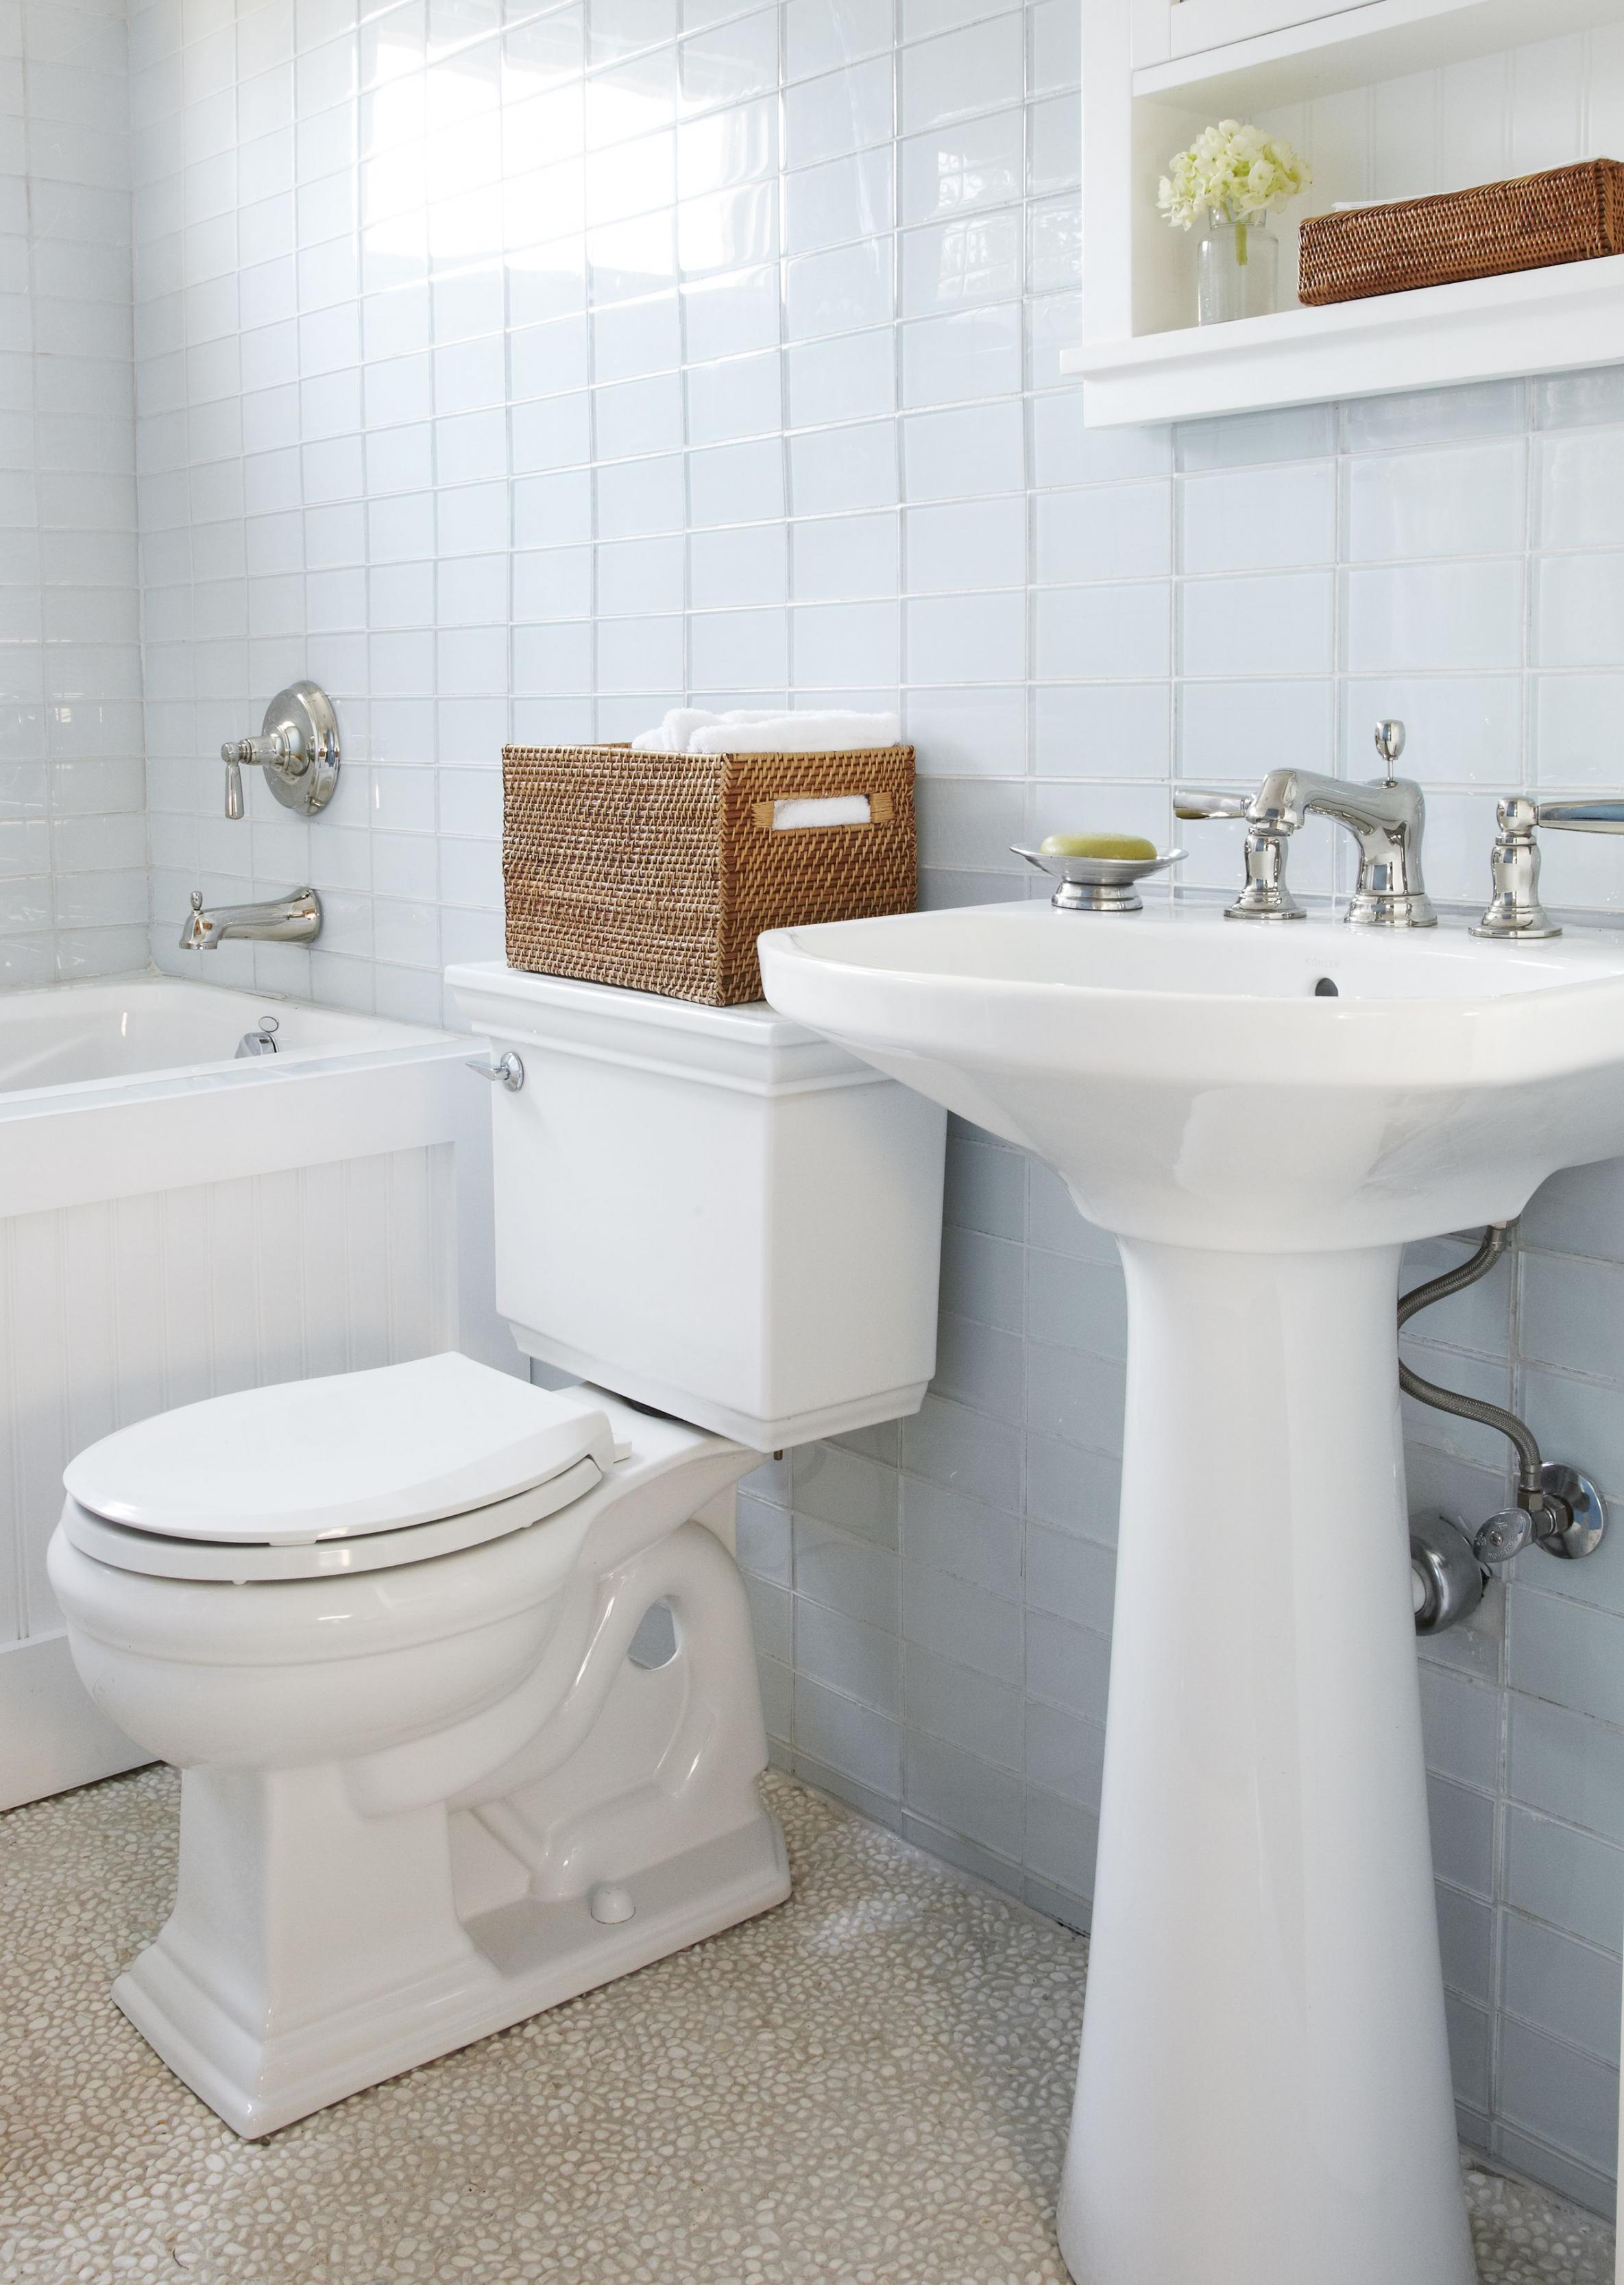 بالصور ديكورات حمامات صغيرة جدا وبسيطة , افكار لتنظيم الحمامات الصغيره 4364 9